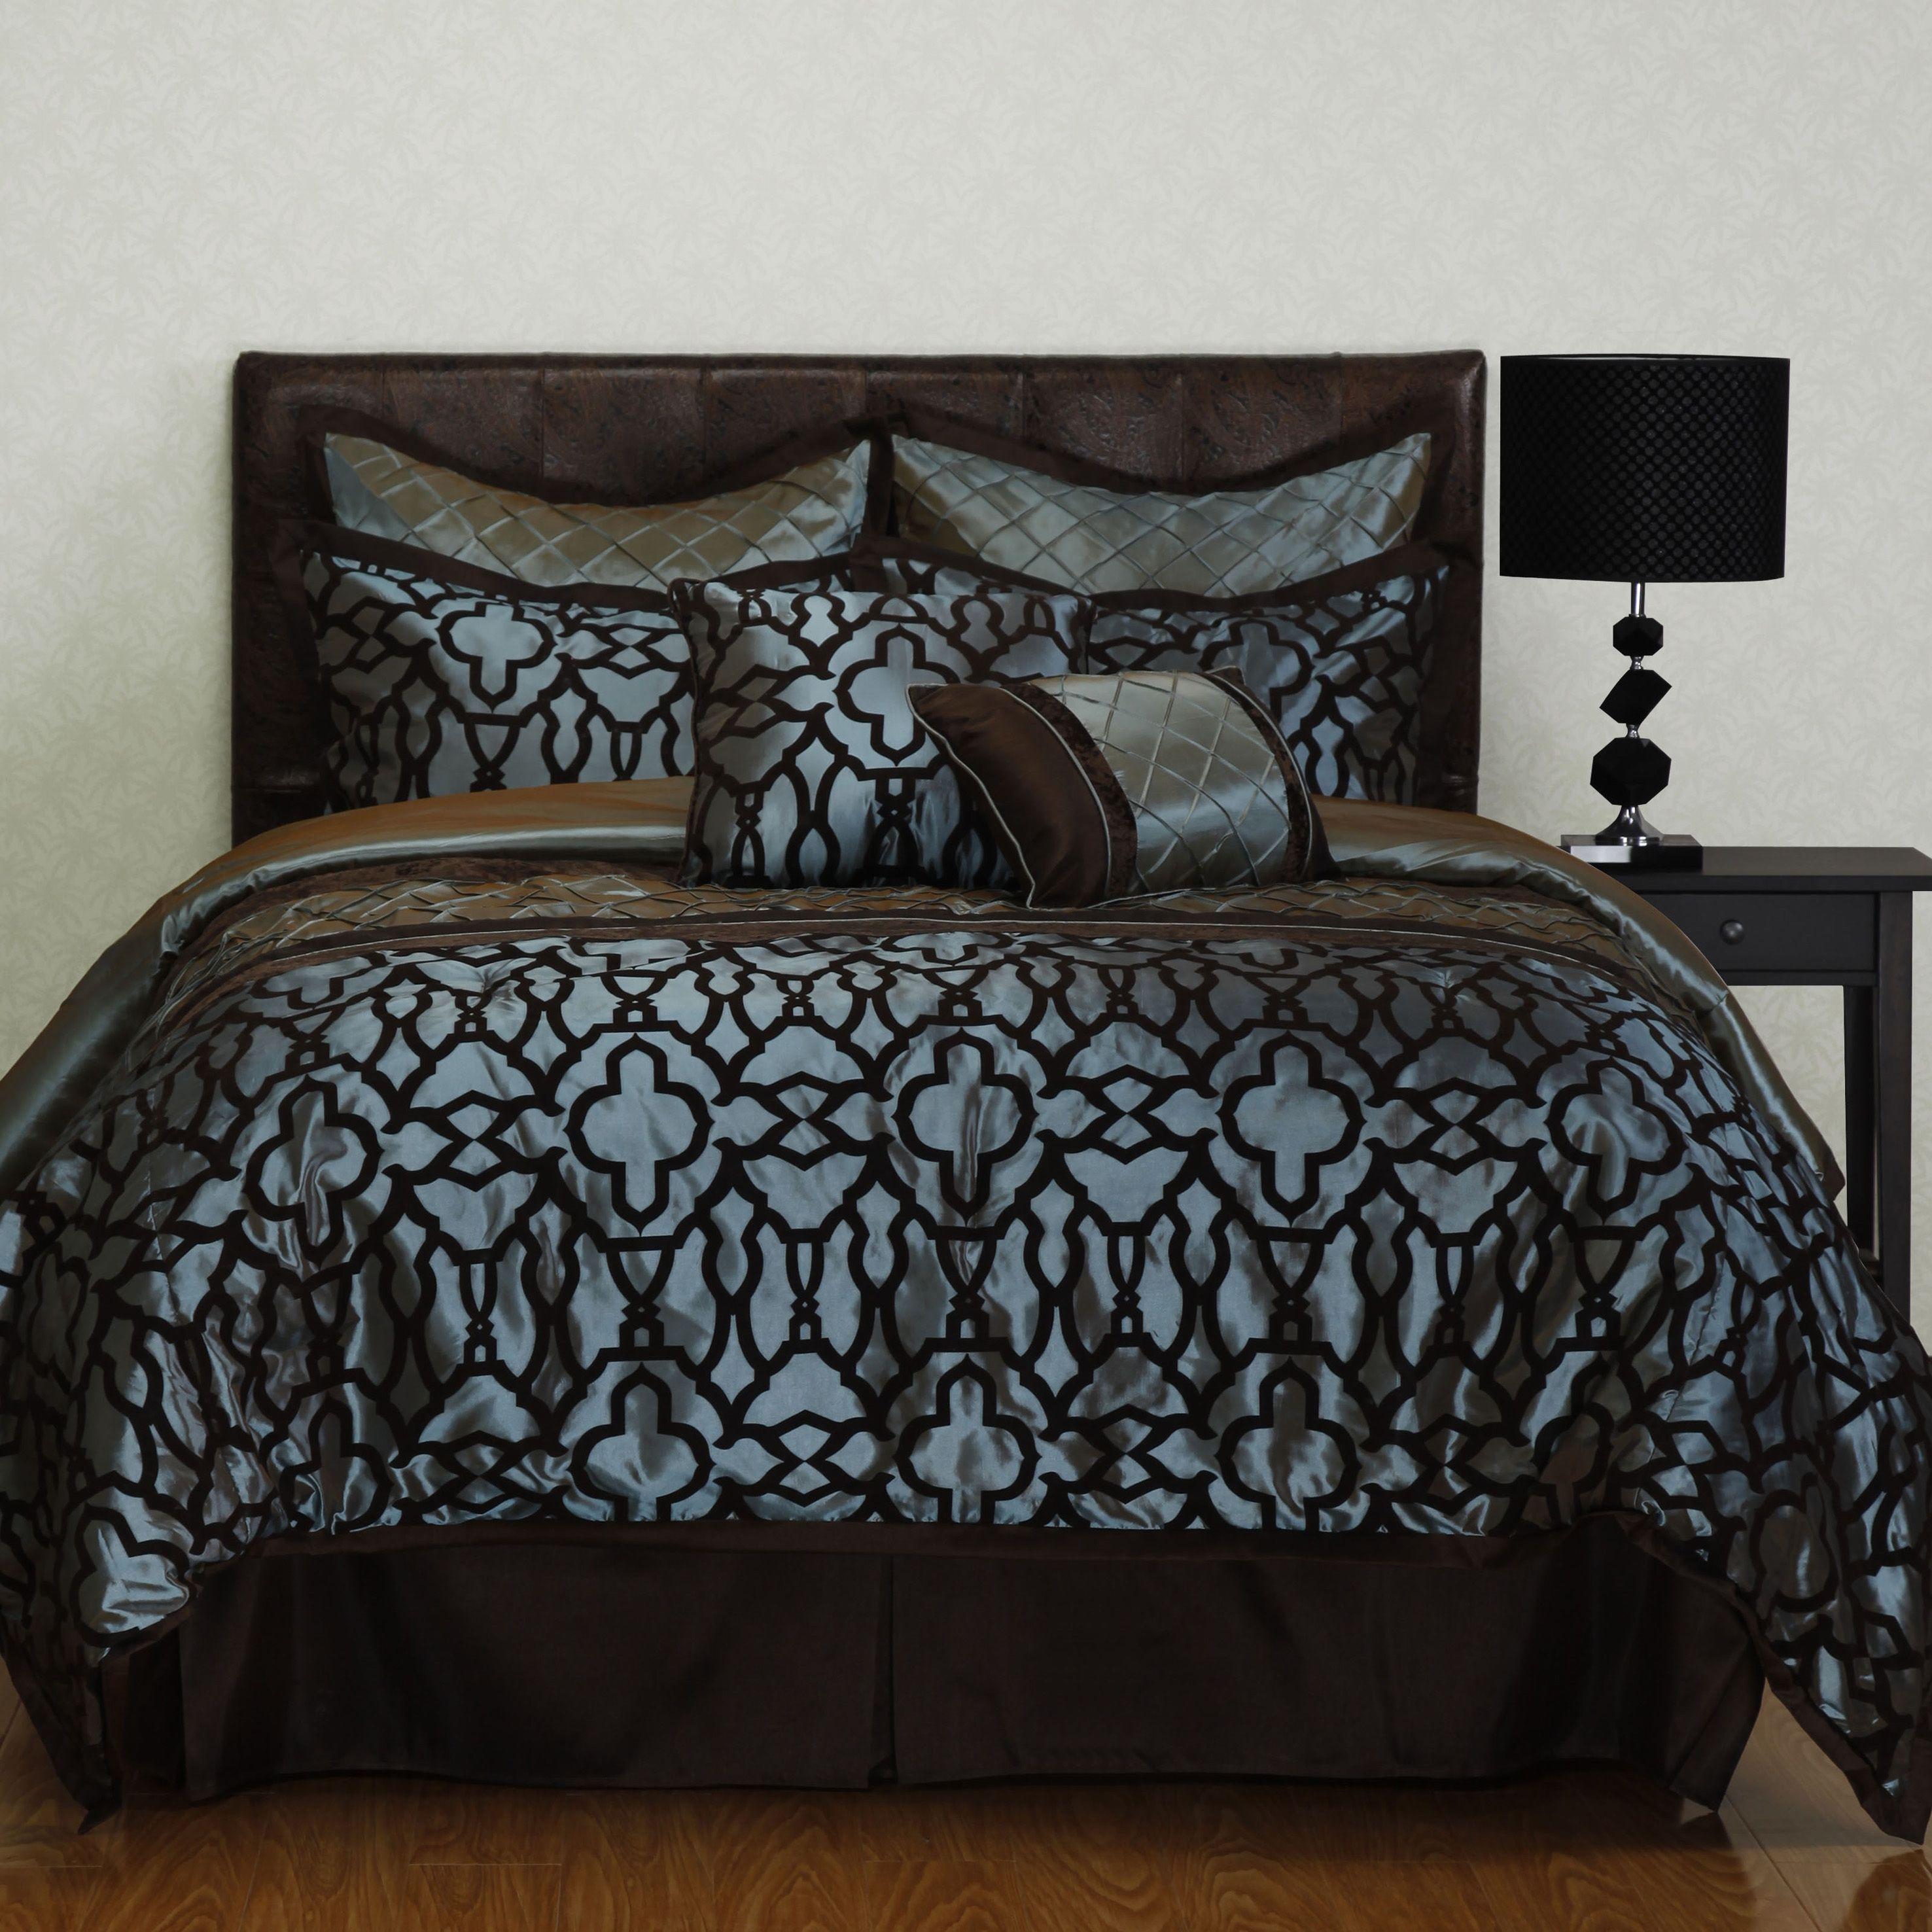 jordan comforter set. modern and beautifully opulent, the jordan comforter set makes a dramatic statement with an ironwork